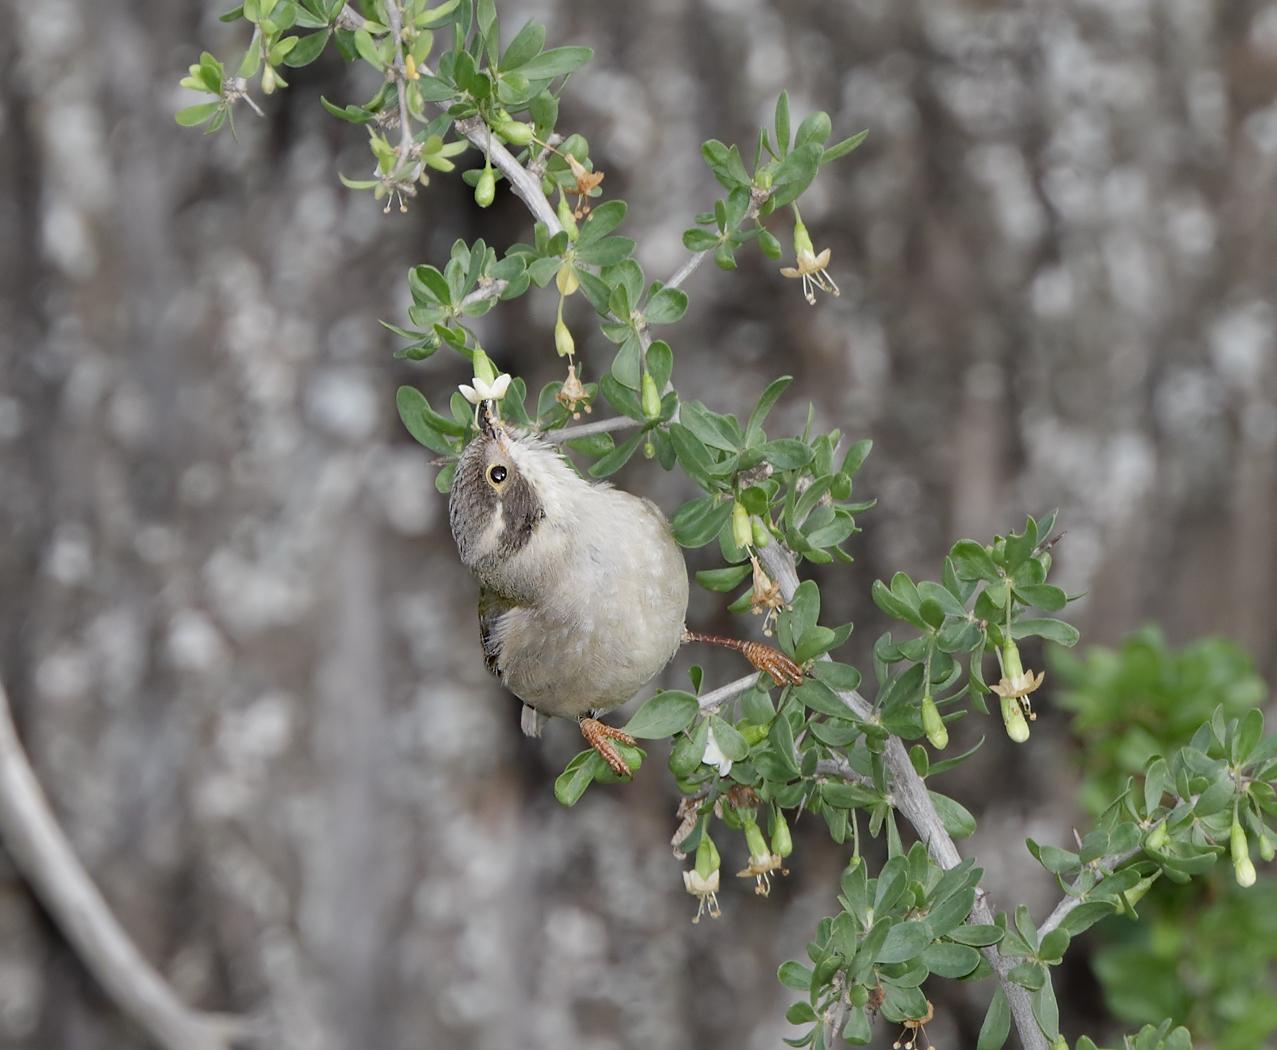 Brown-headed Honeyeater